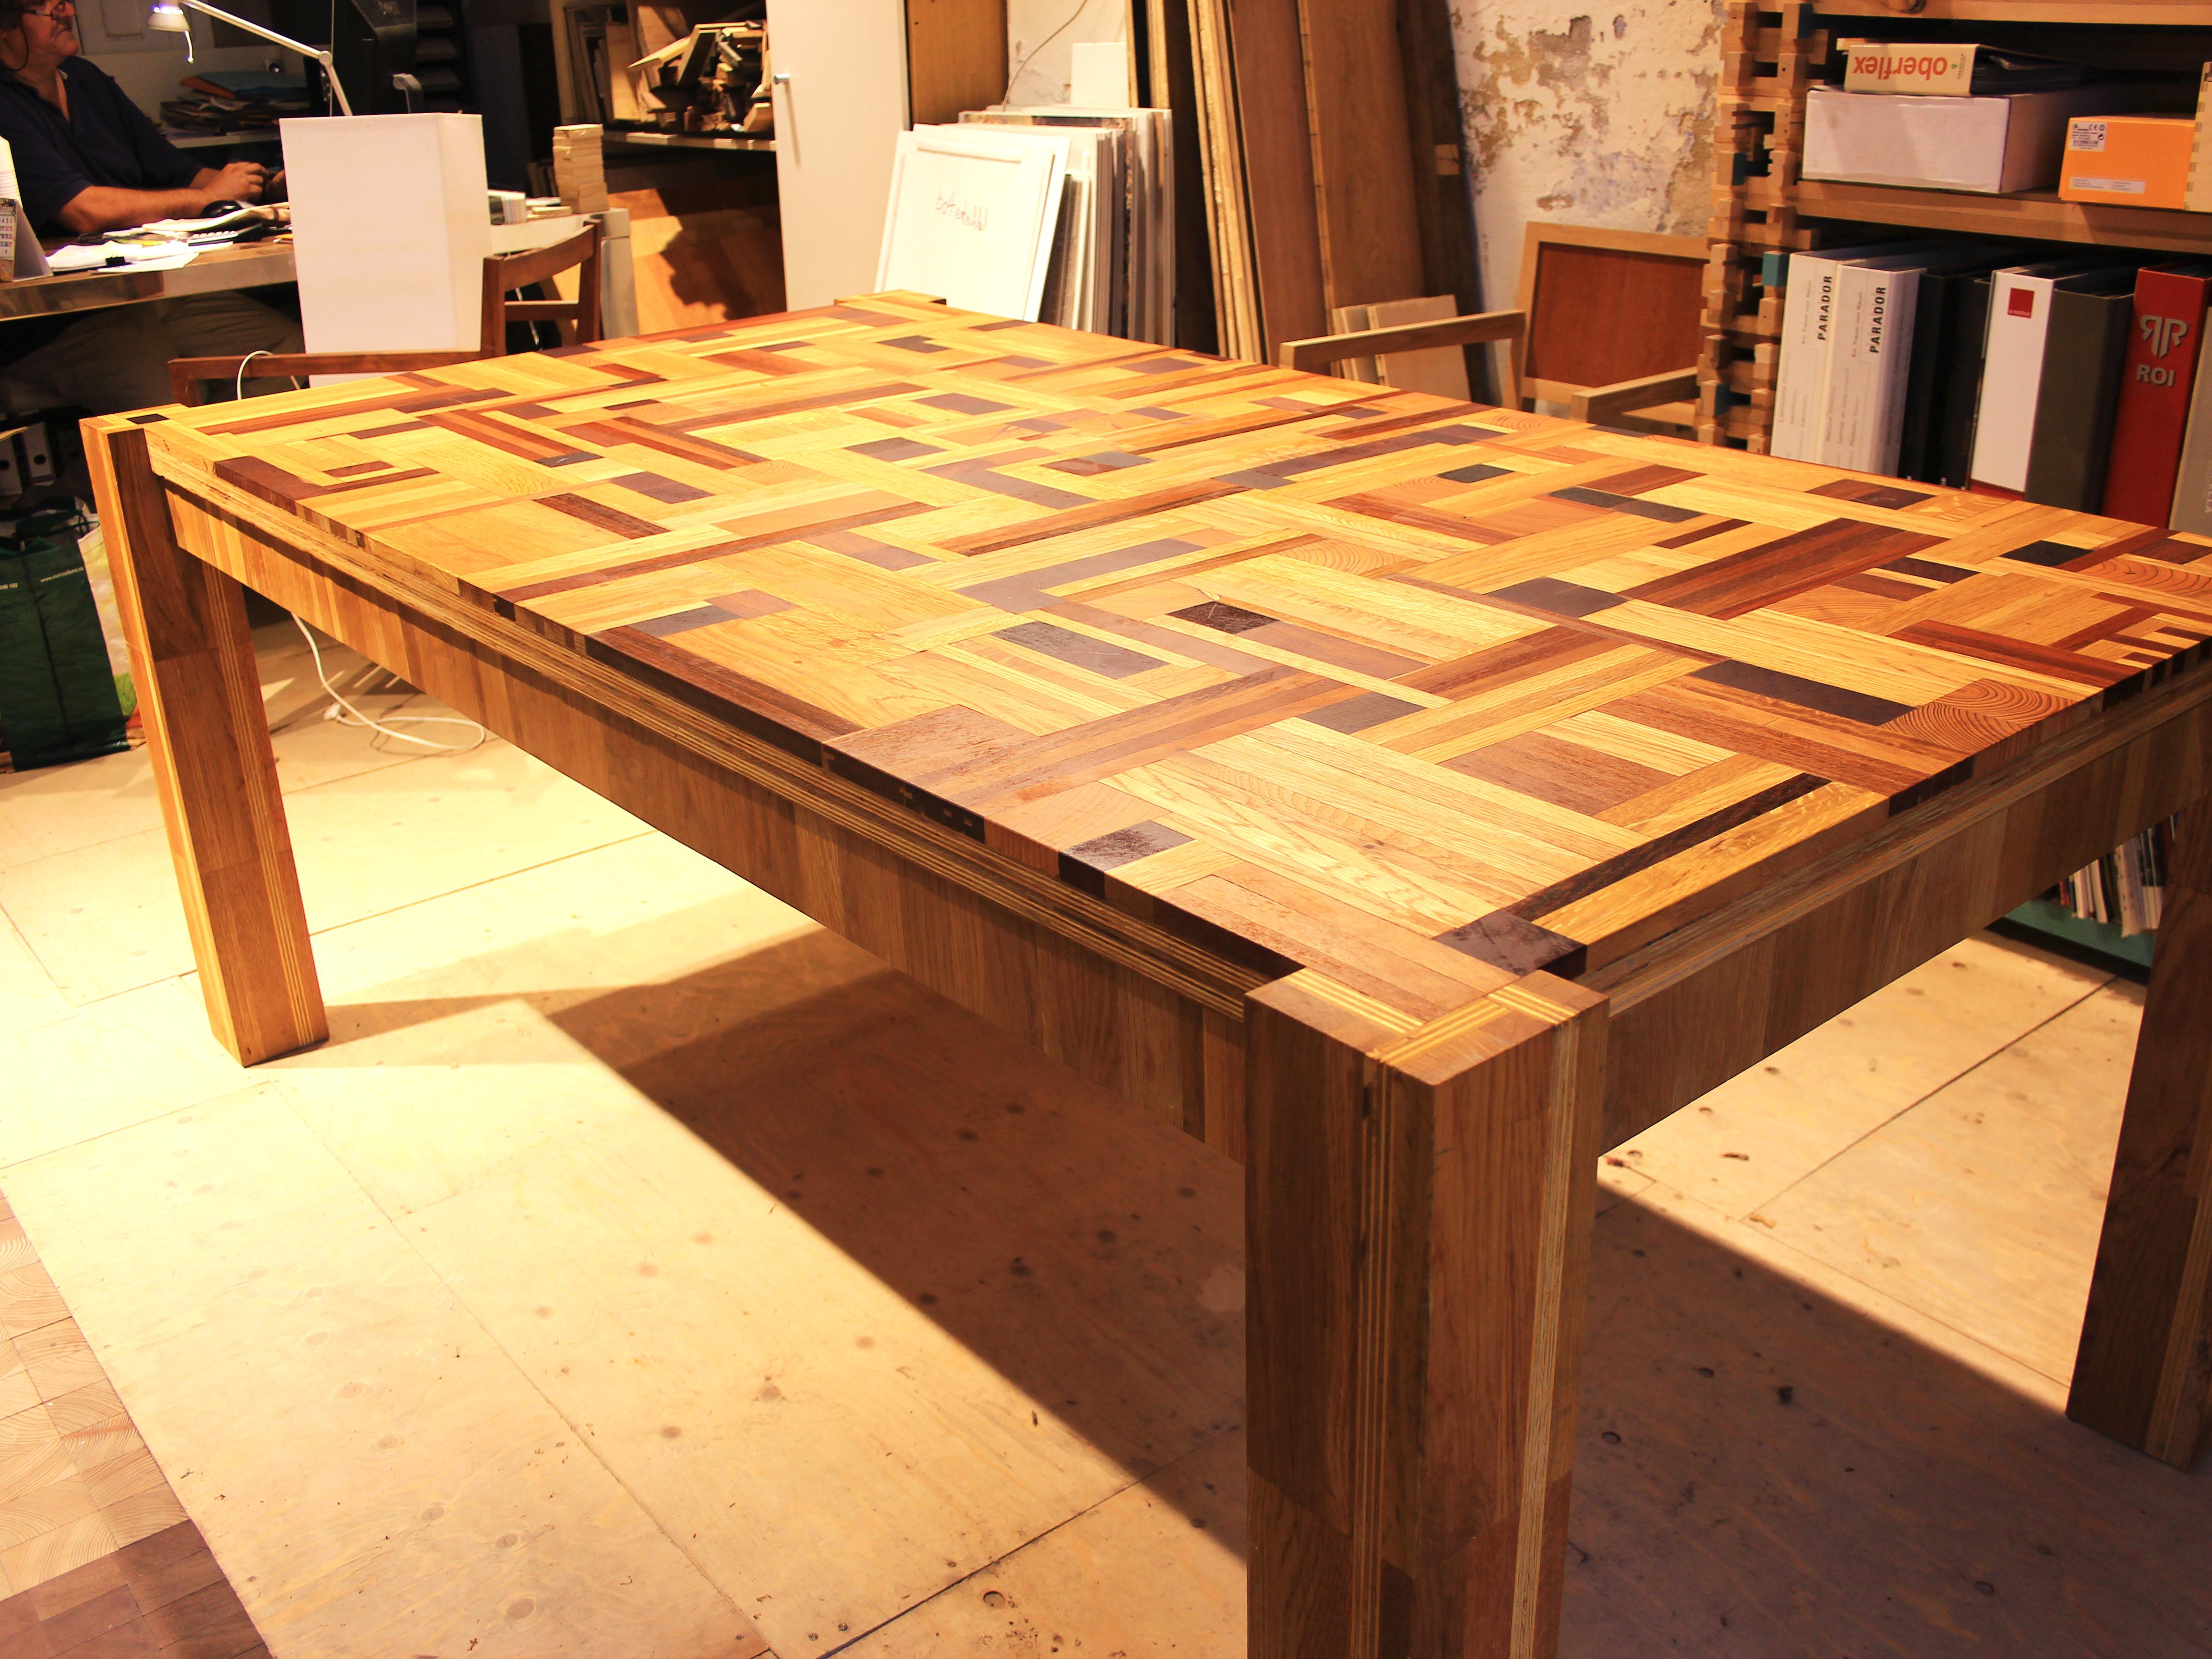 Digresiones muebles refritos - Muebles madera ...